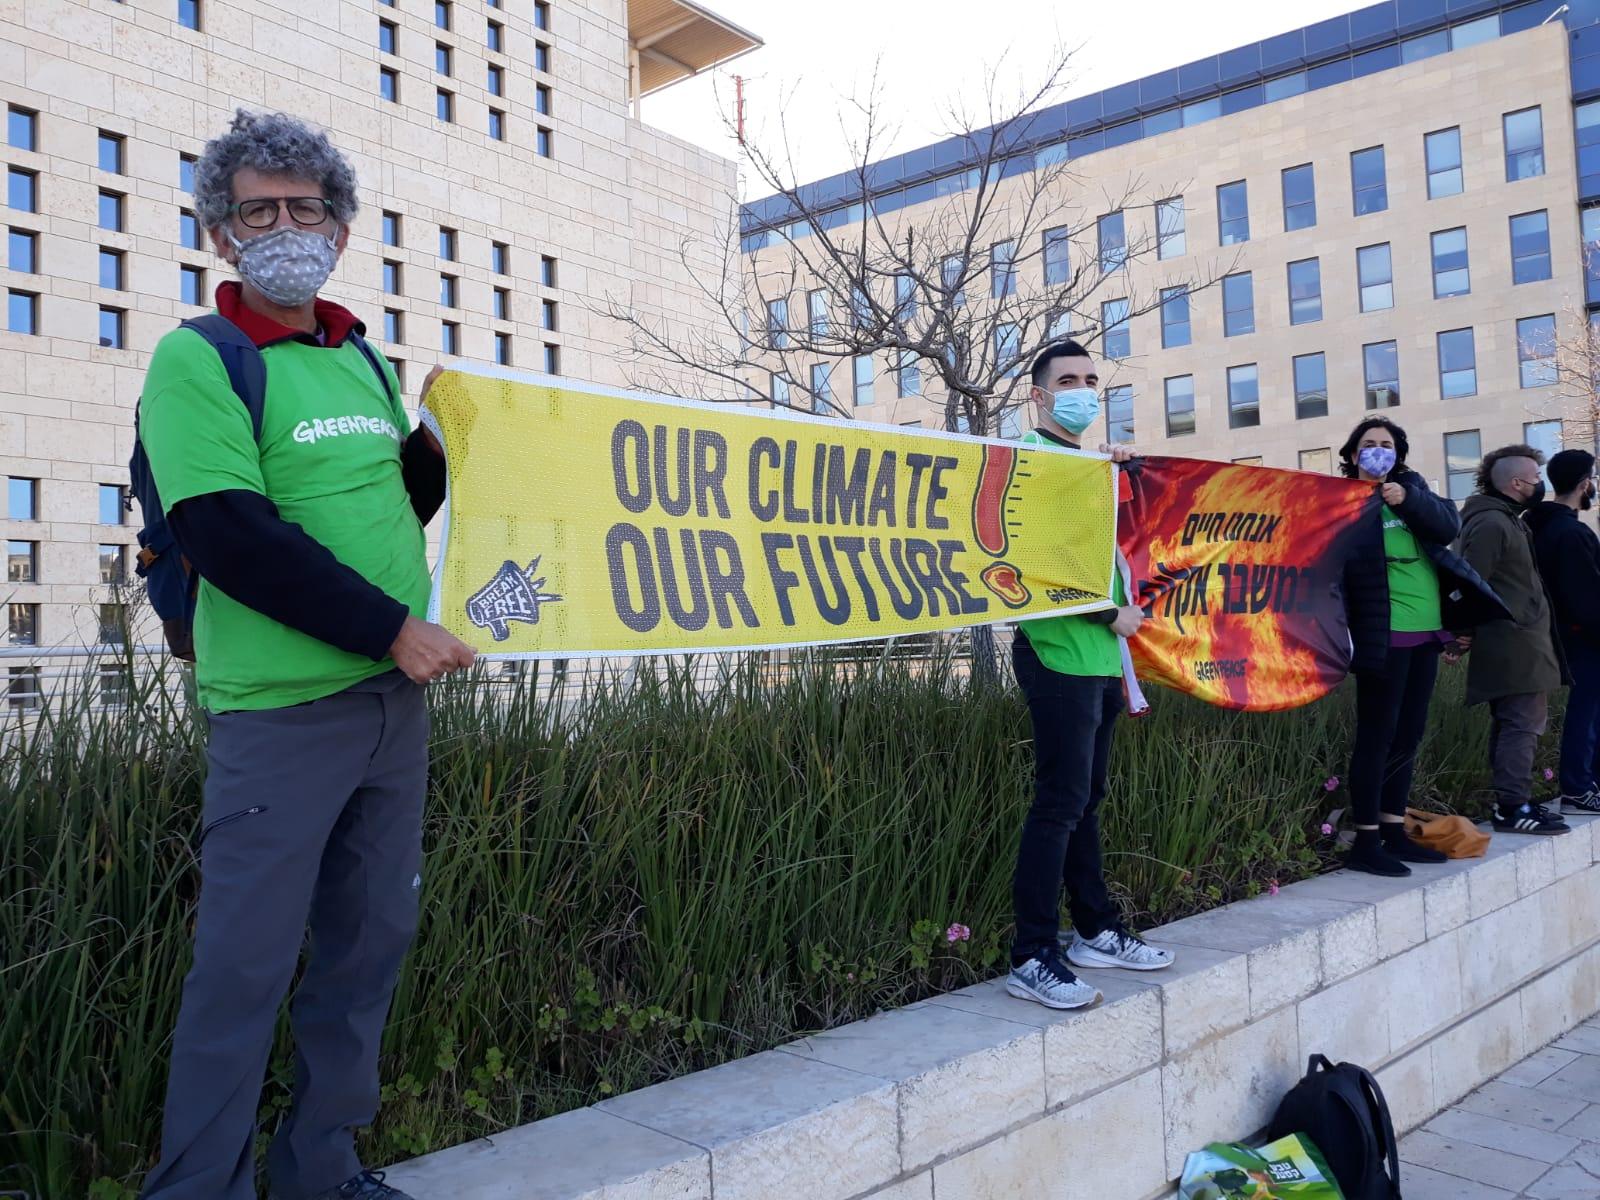 ״זוהי שעה היסטורית״: תמיכה חסרת תקדים של ארגוני הסביבה בתכניתה של השרה גילה גמליאל למעבר לכלכלה דלת פחמן